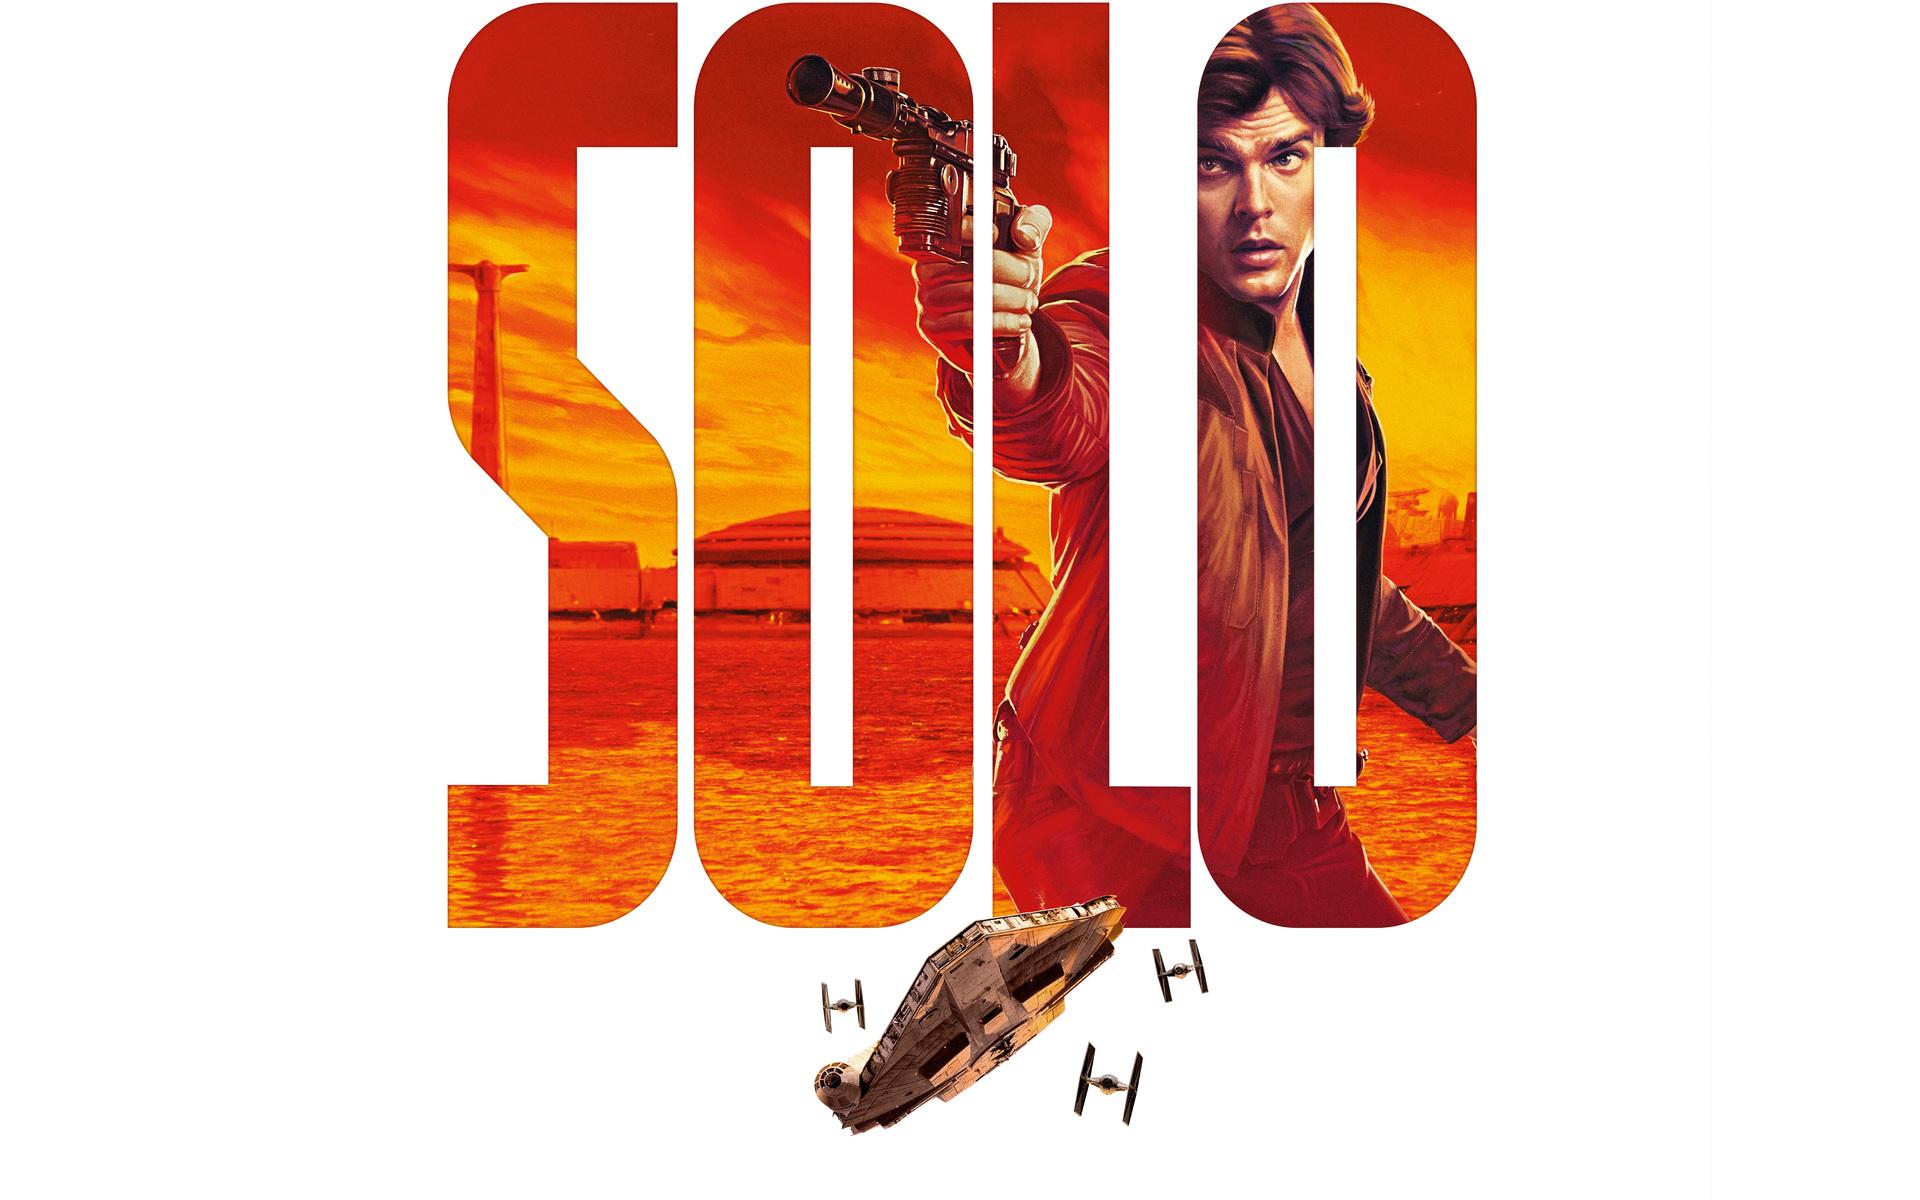 Wallpaper Star Wars Solo A Star Wars Story Han Solo Alden